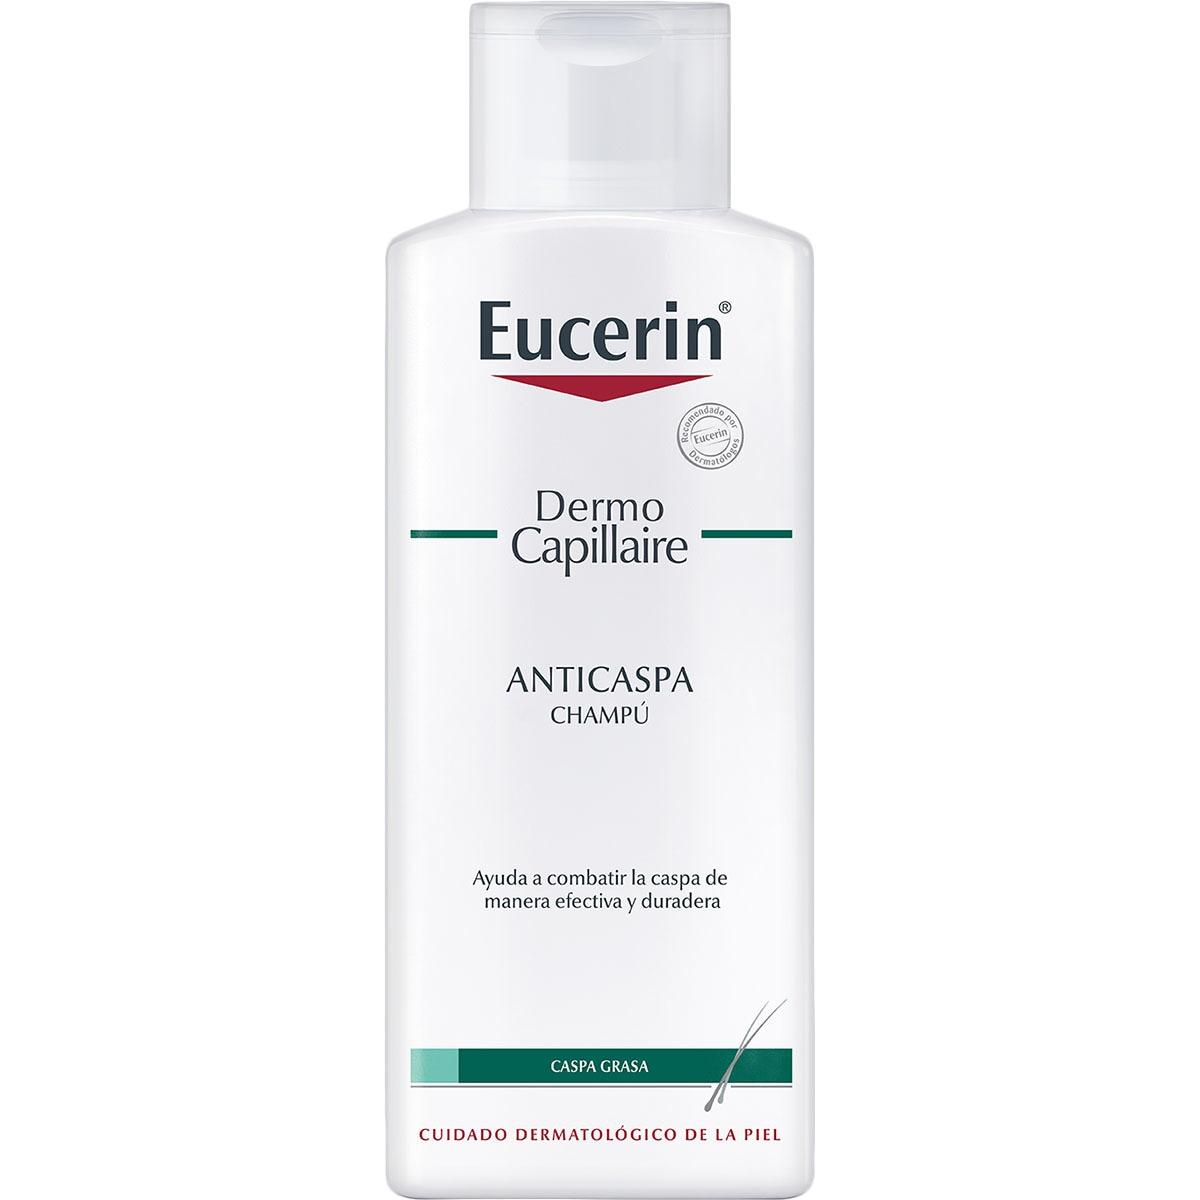 EUCERIN Dermo Capillaire champú anticaspa para cabellos grasos frasco 200 ml